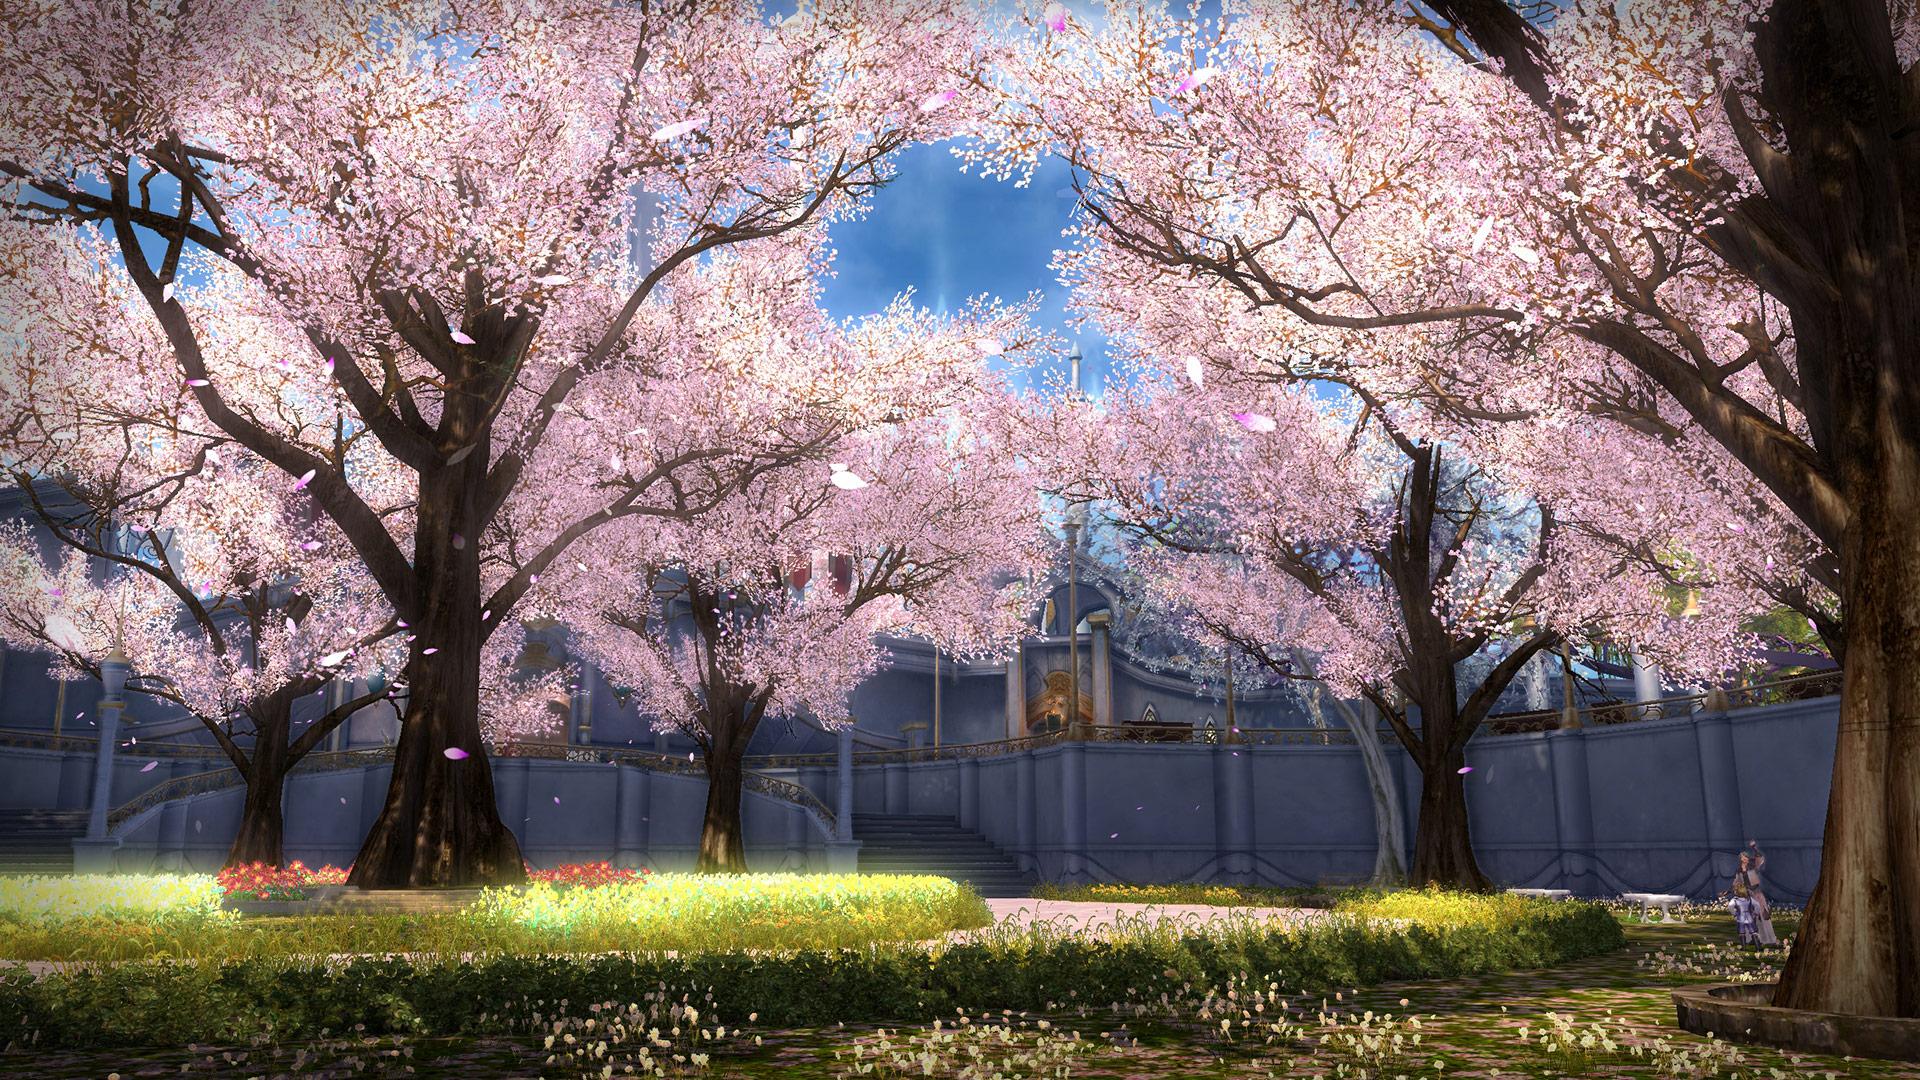 2019-02-21_AI_Cherry_Blossom_Festival_Ev